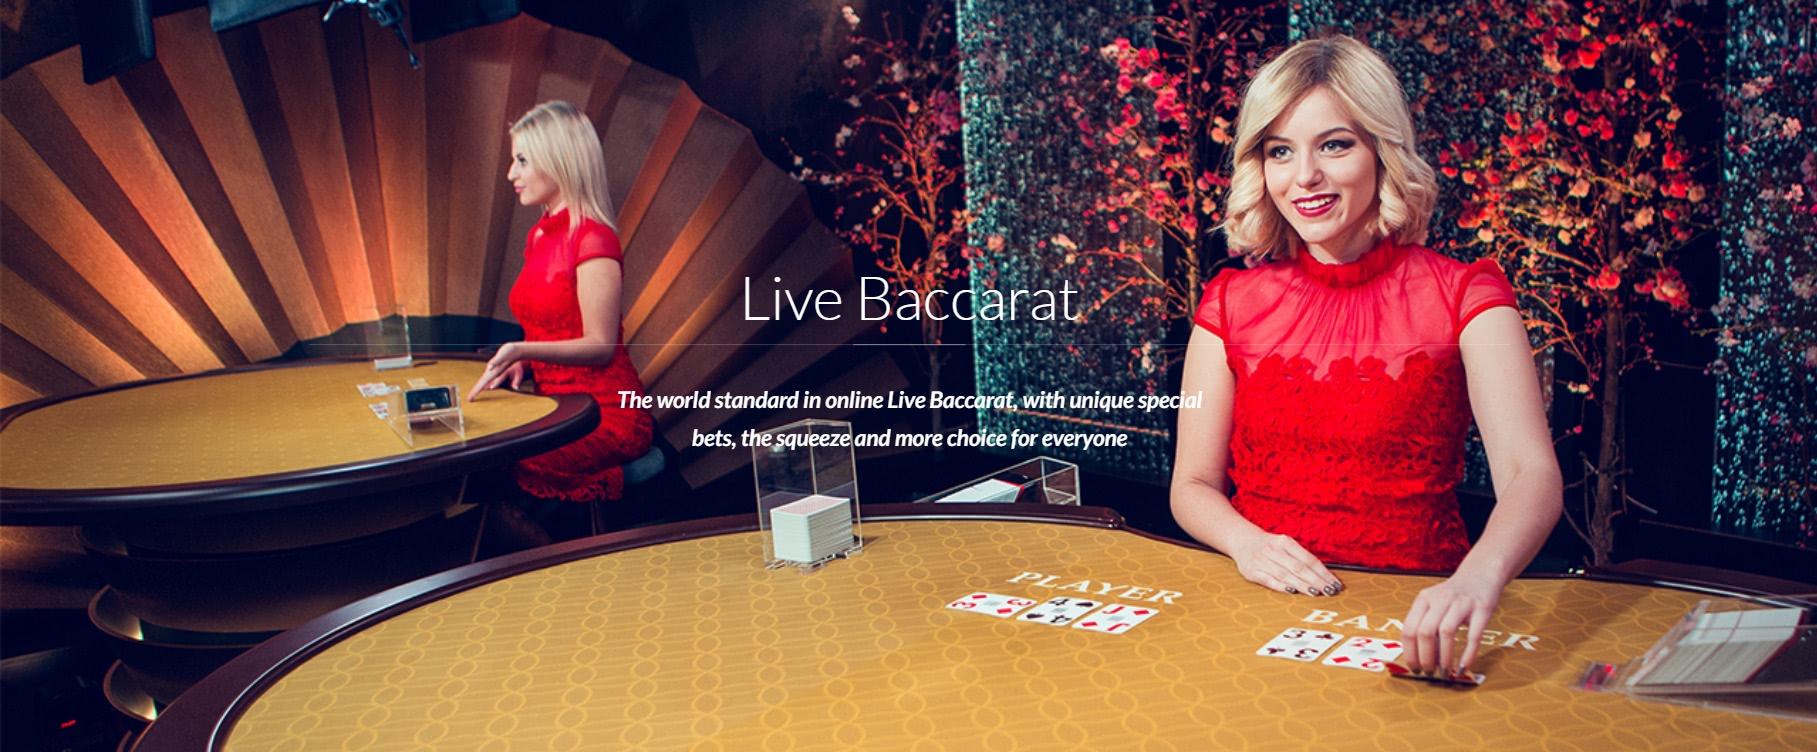 live baccarat online deutschland